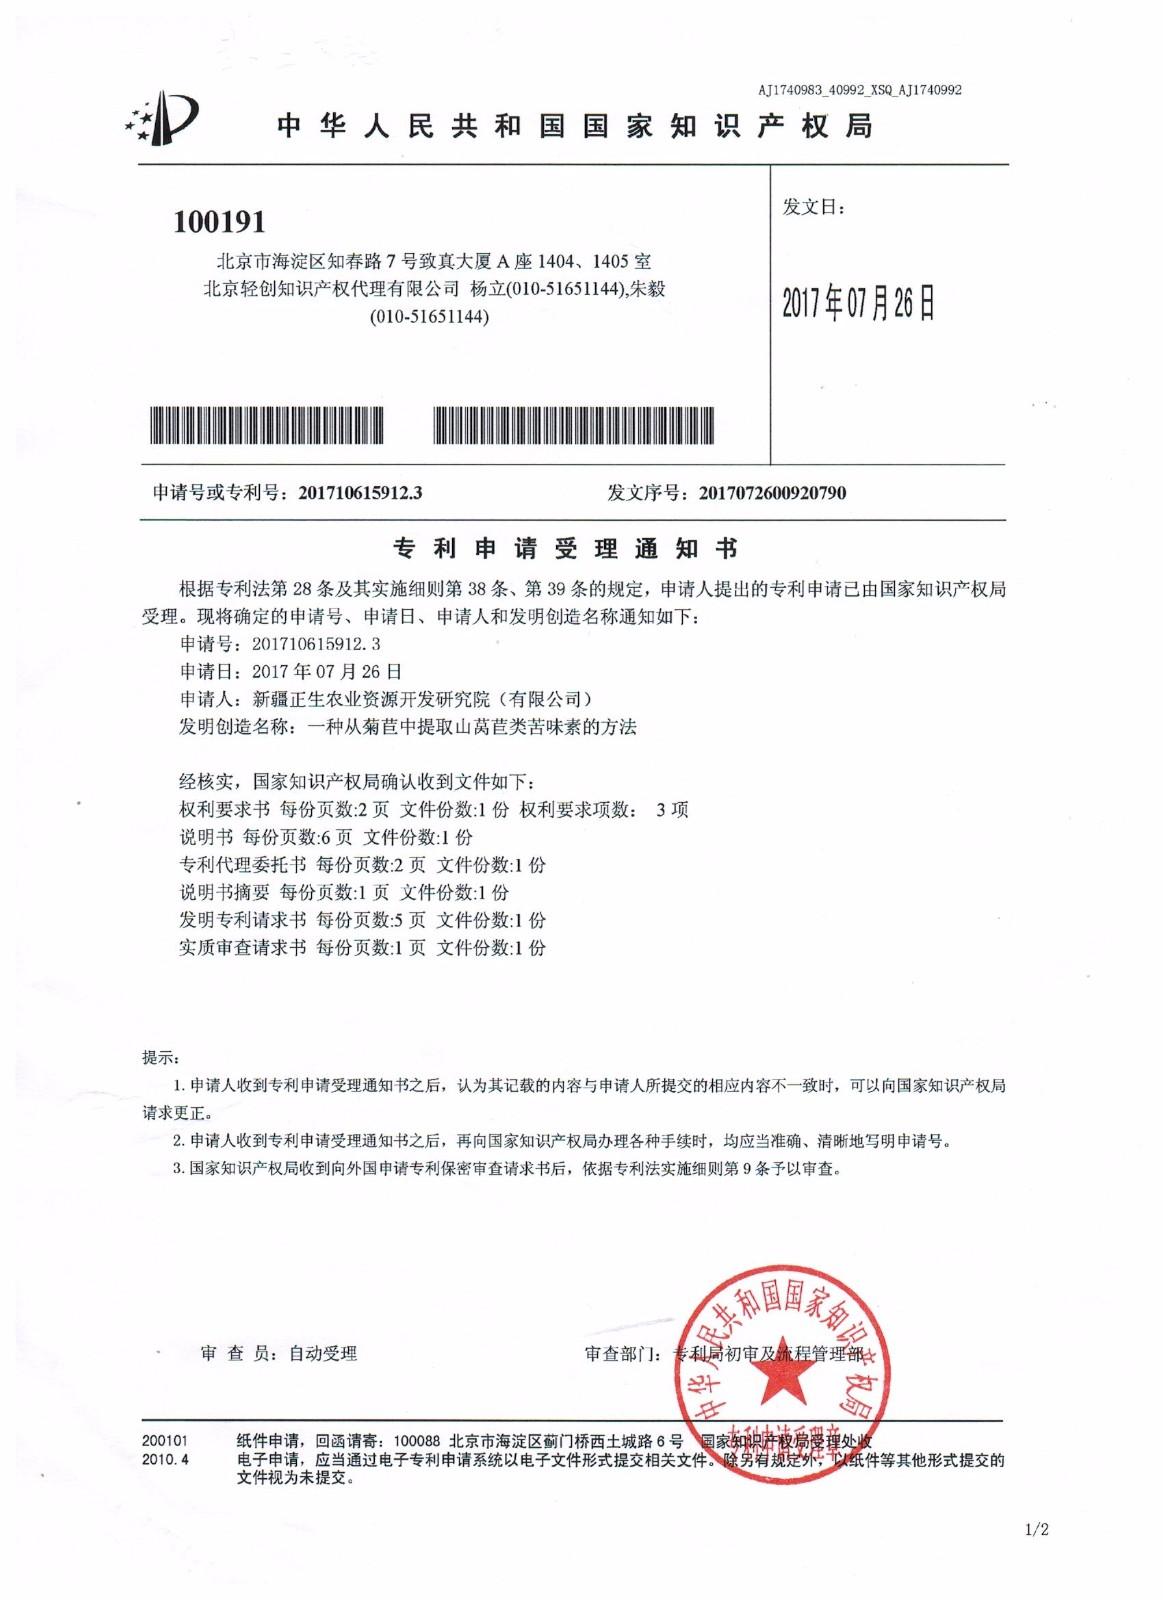 菊苣提取苦味素技术专利.jpg